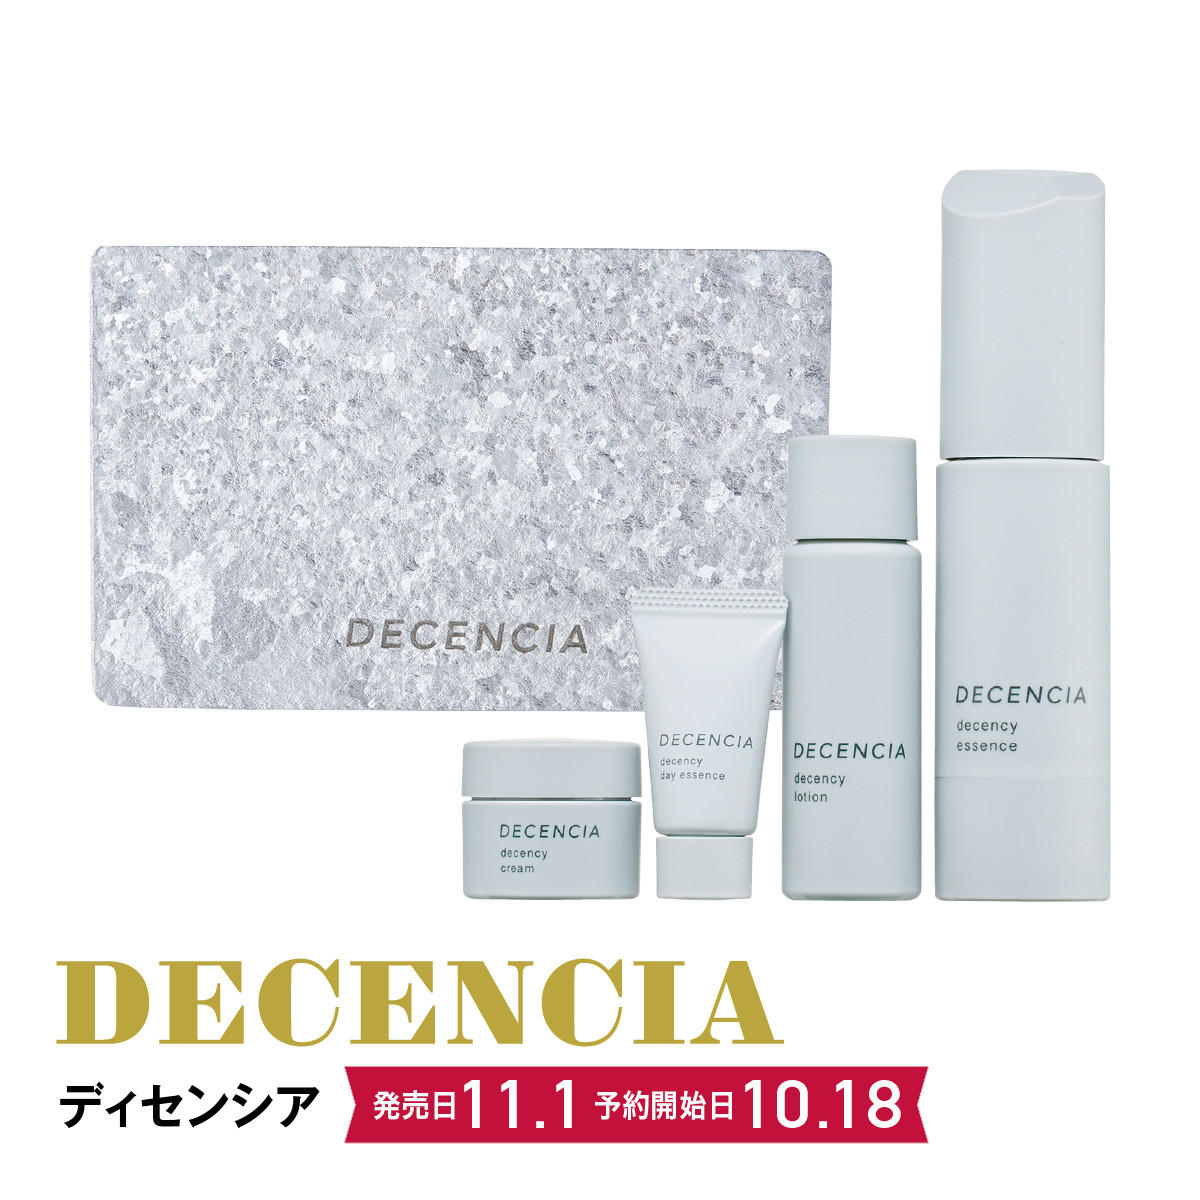 2019クリスマスコフレ&限定品:DECENCIA/ディセンシア